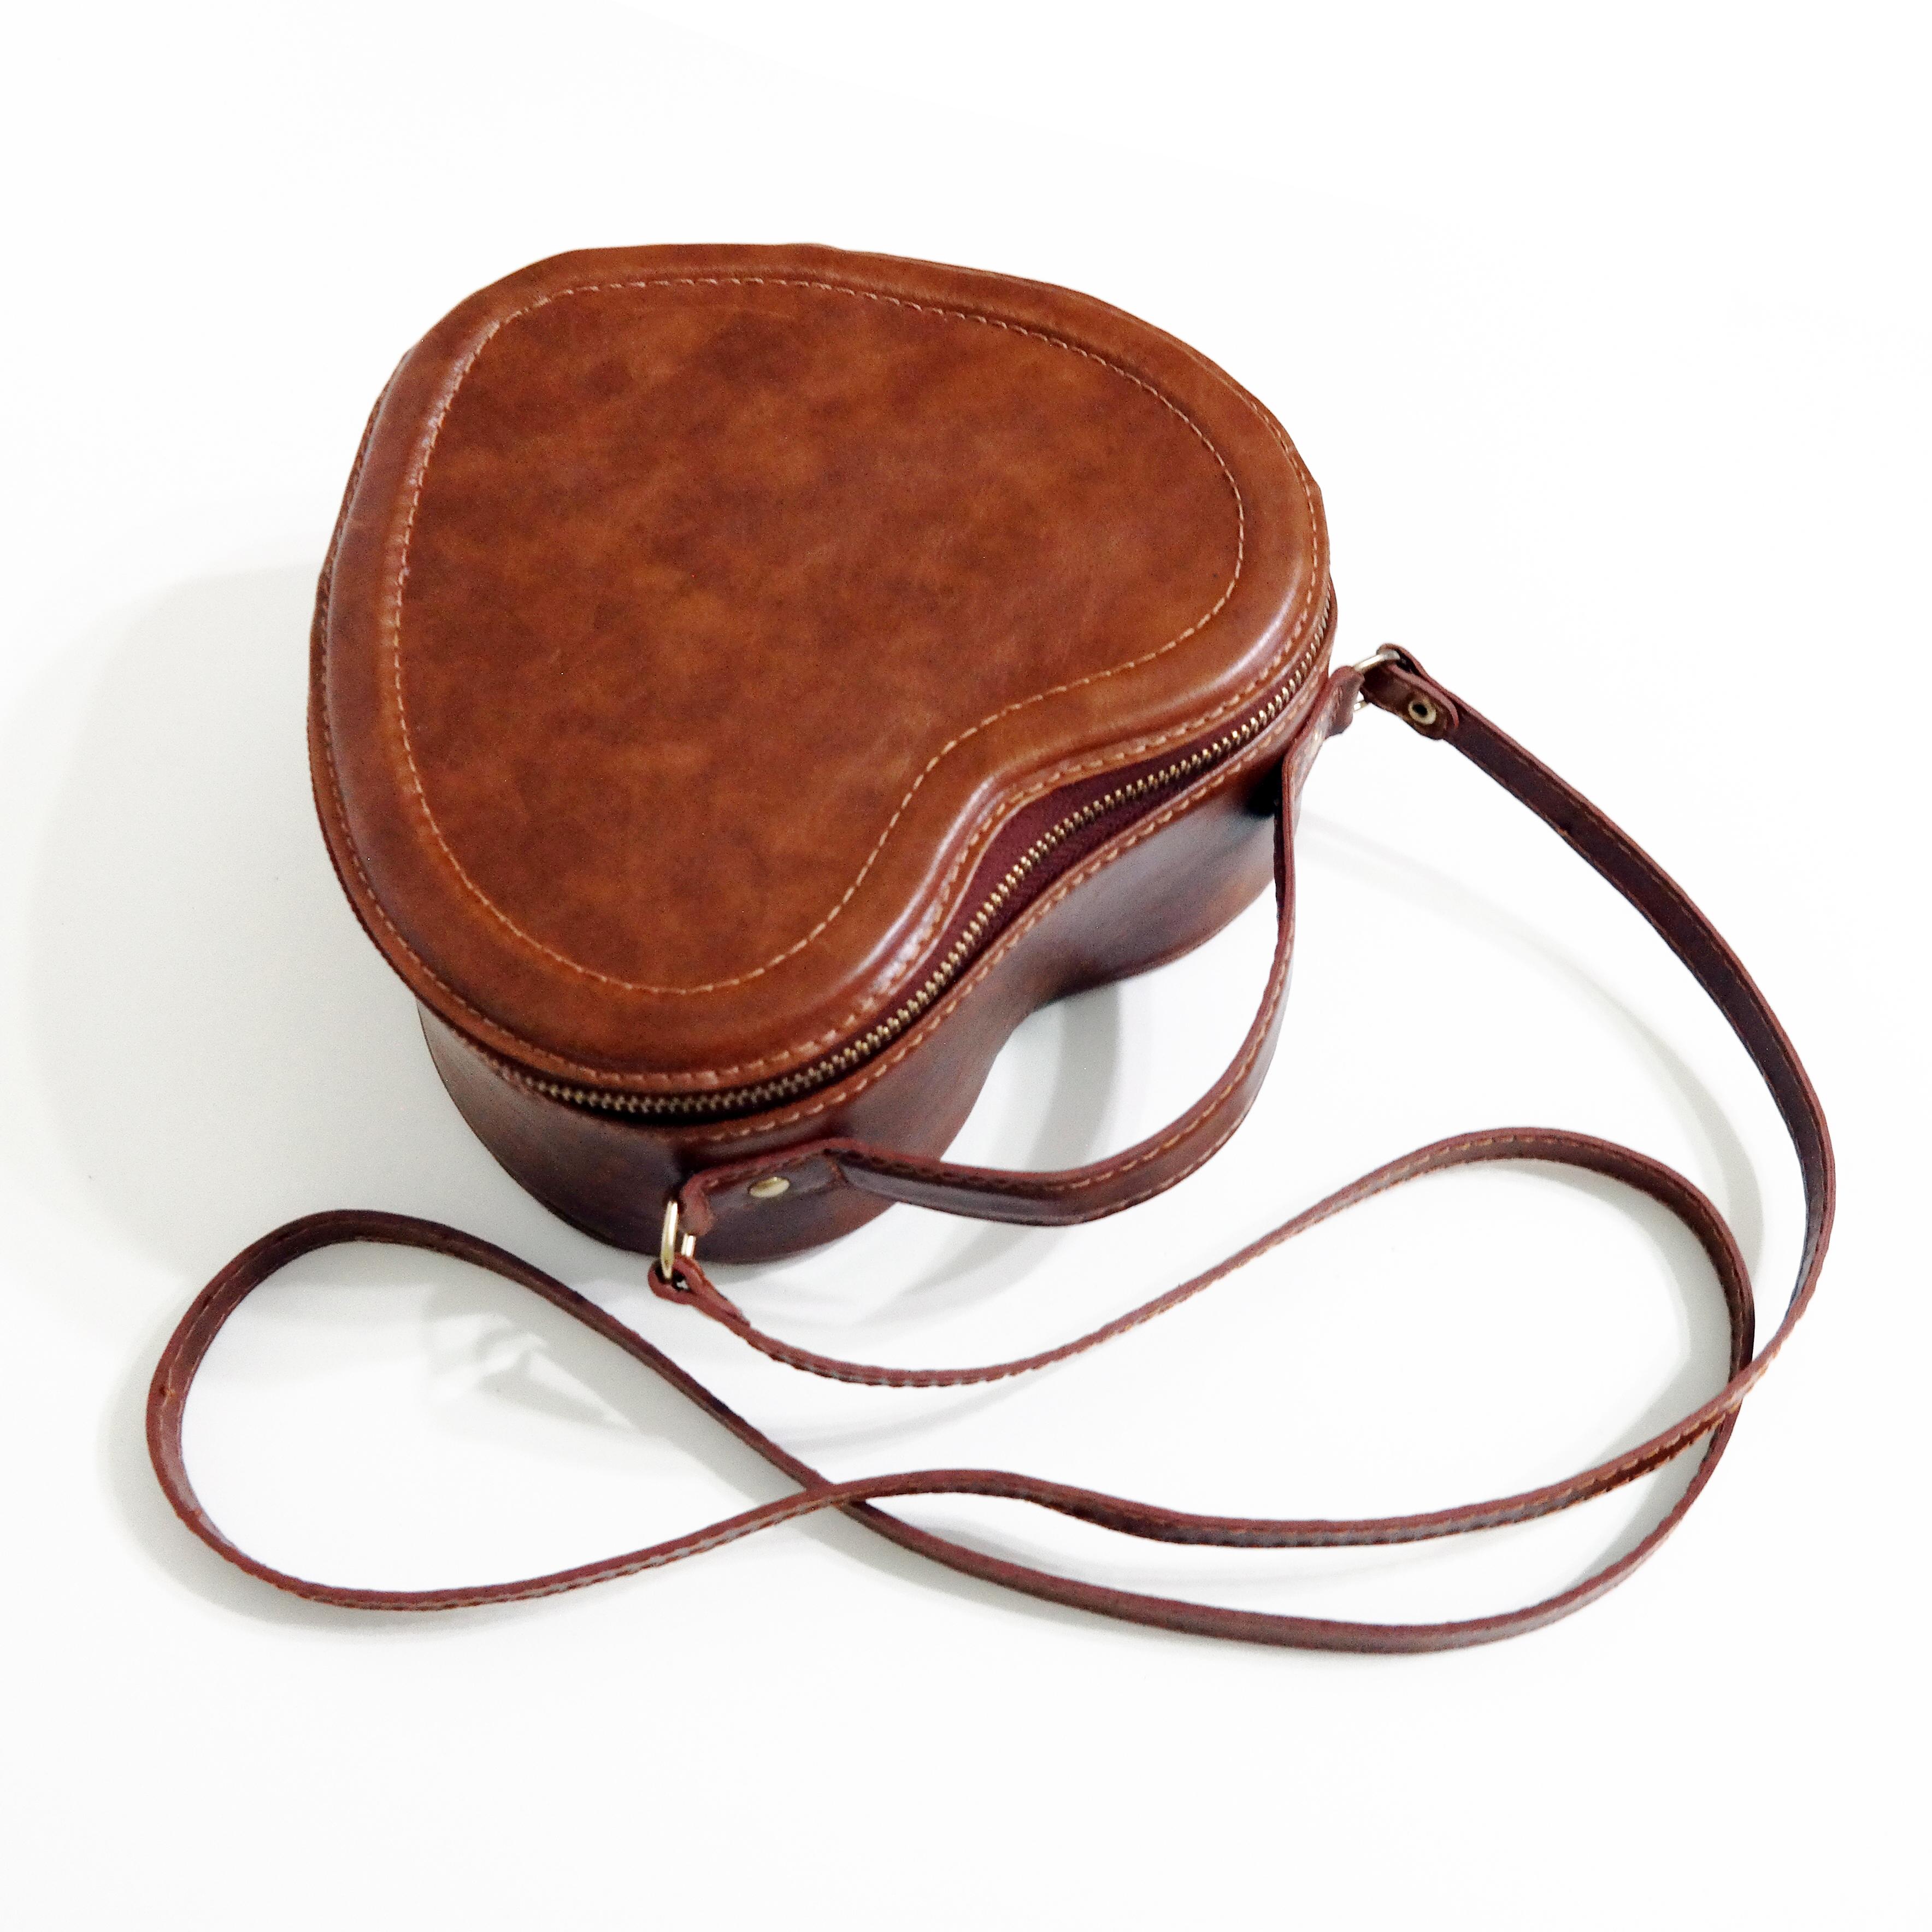 Bolsa Couro Line Heart Bag